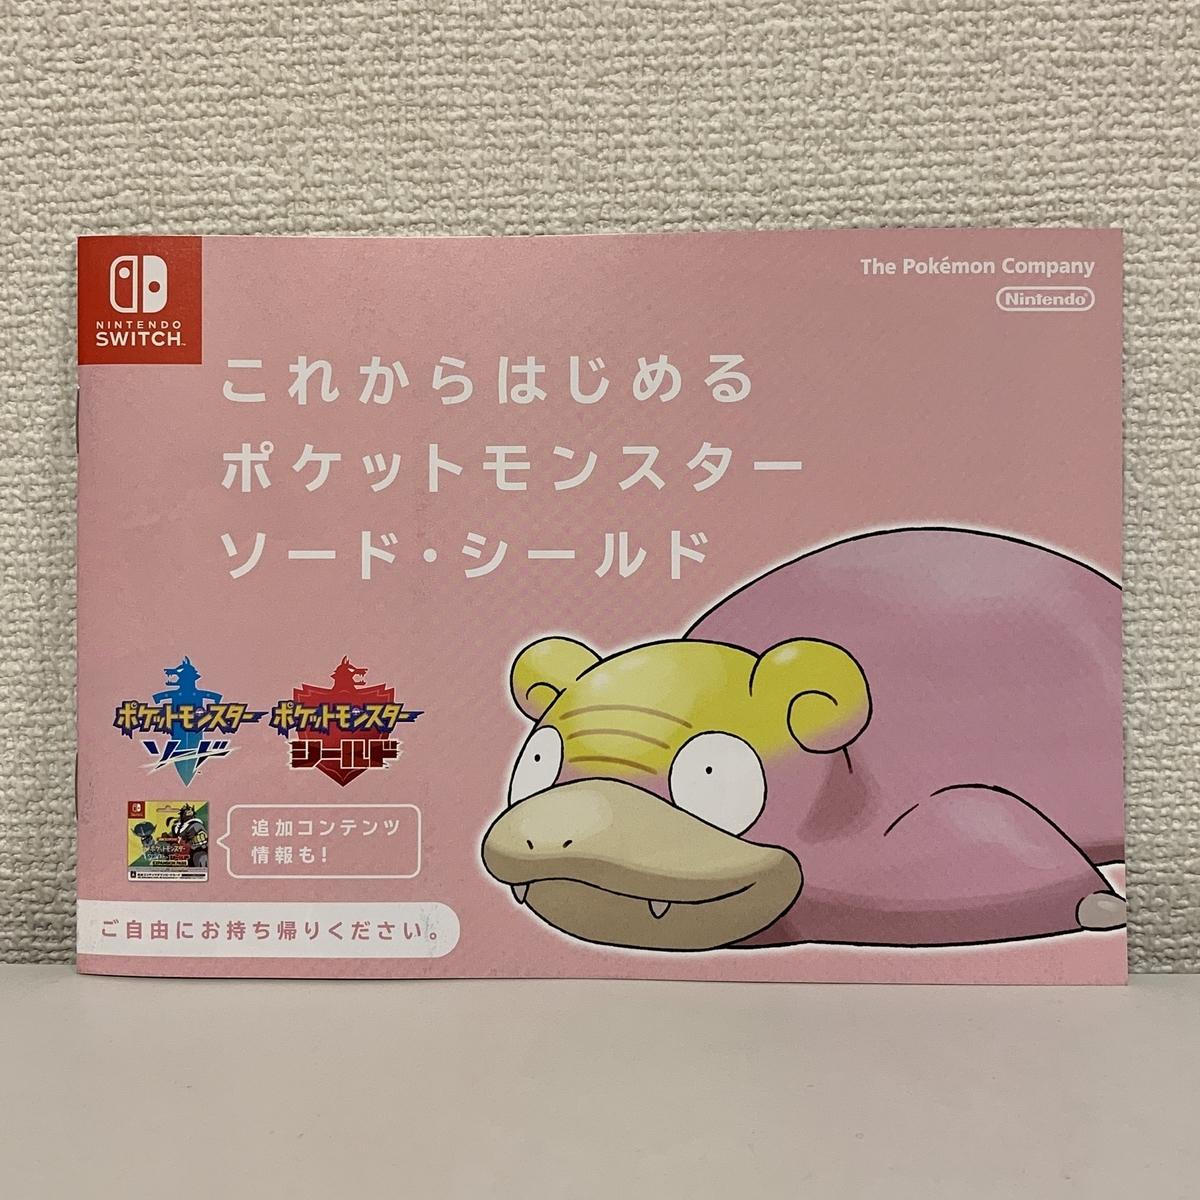 f:id:pikachu_pcn:20200609202942j:plain